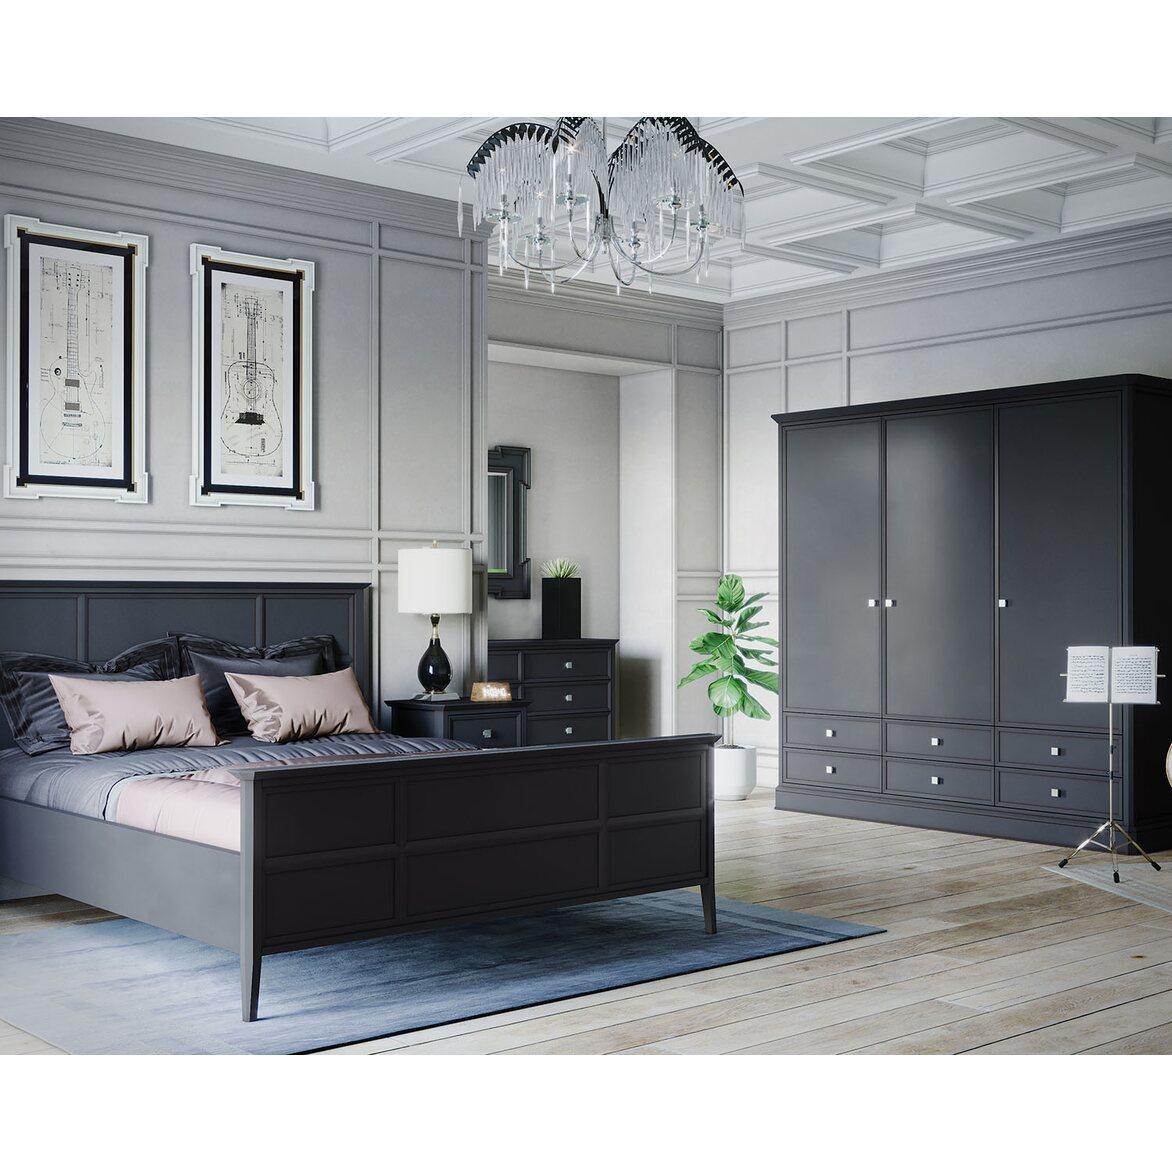 Шкаф двухстворчатый с ящиками Ellington, черный 6   Платяные шкафы Kingsby